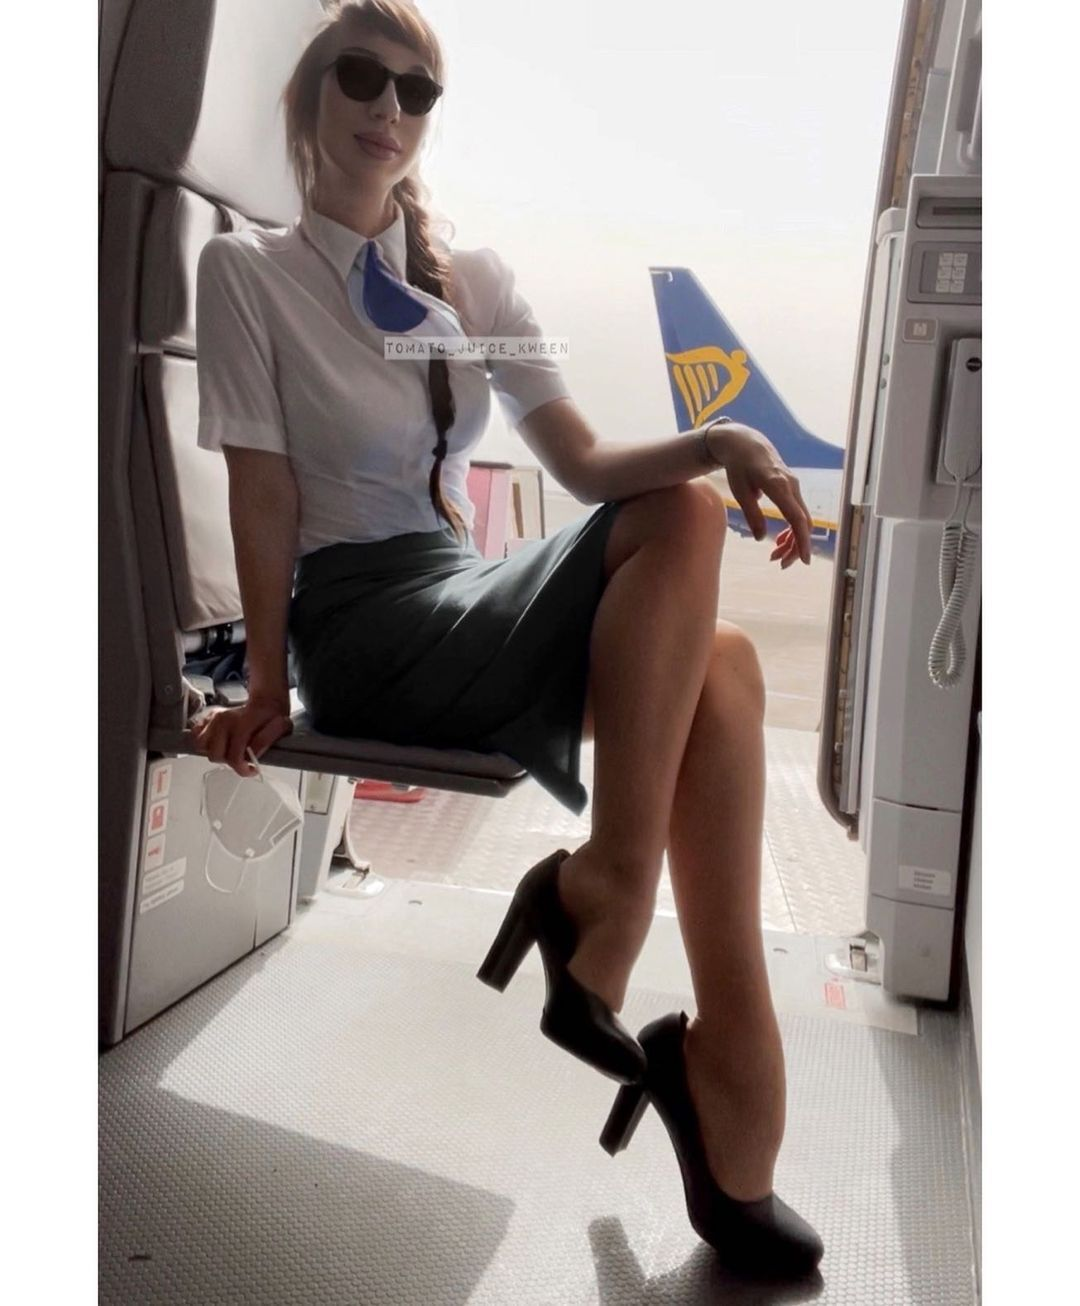 В Instagram-аккаунте стюардессы более 26 тысяч подписчиков.